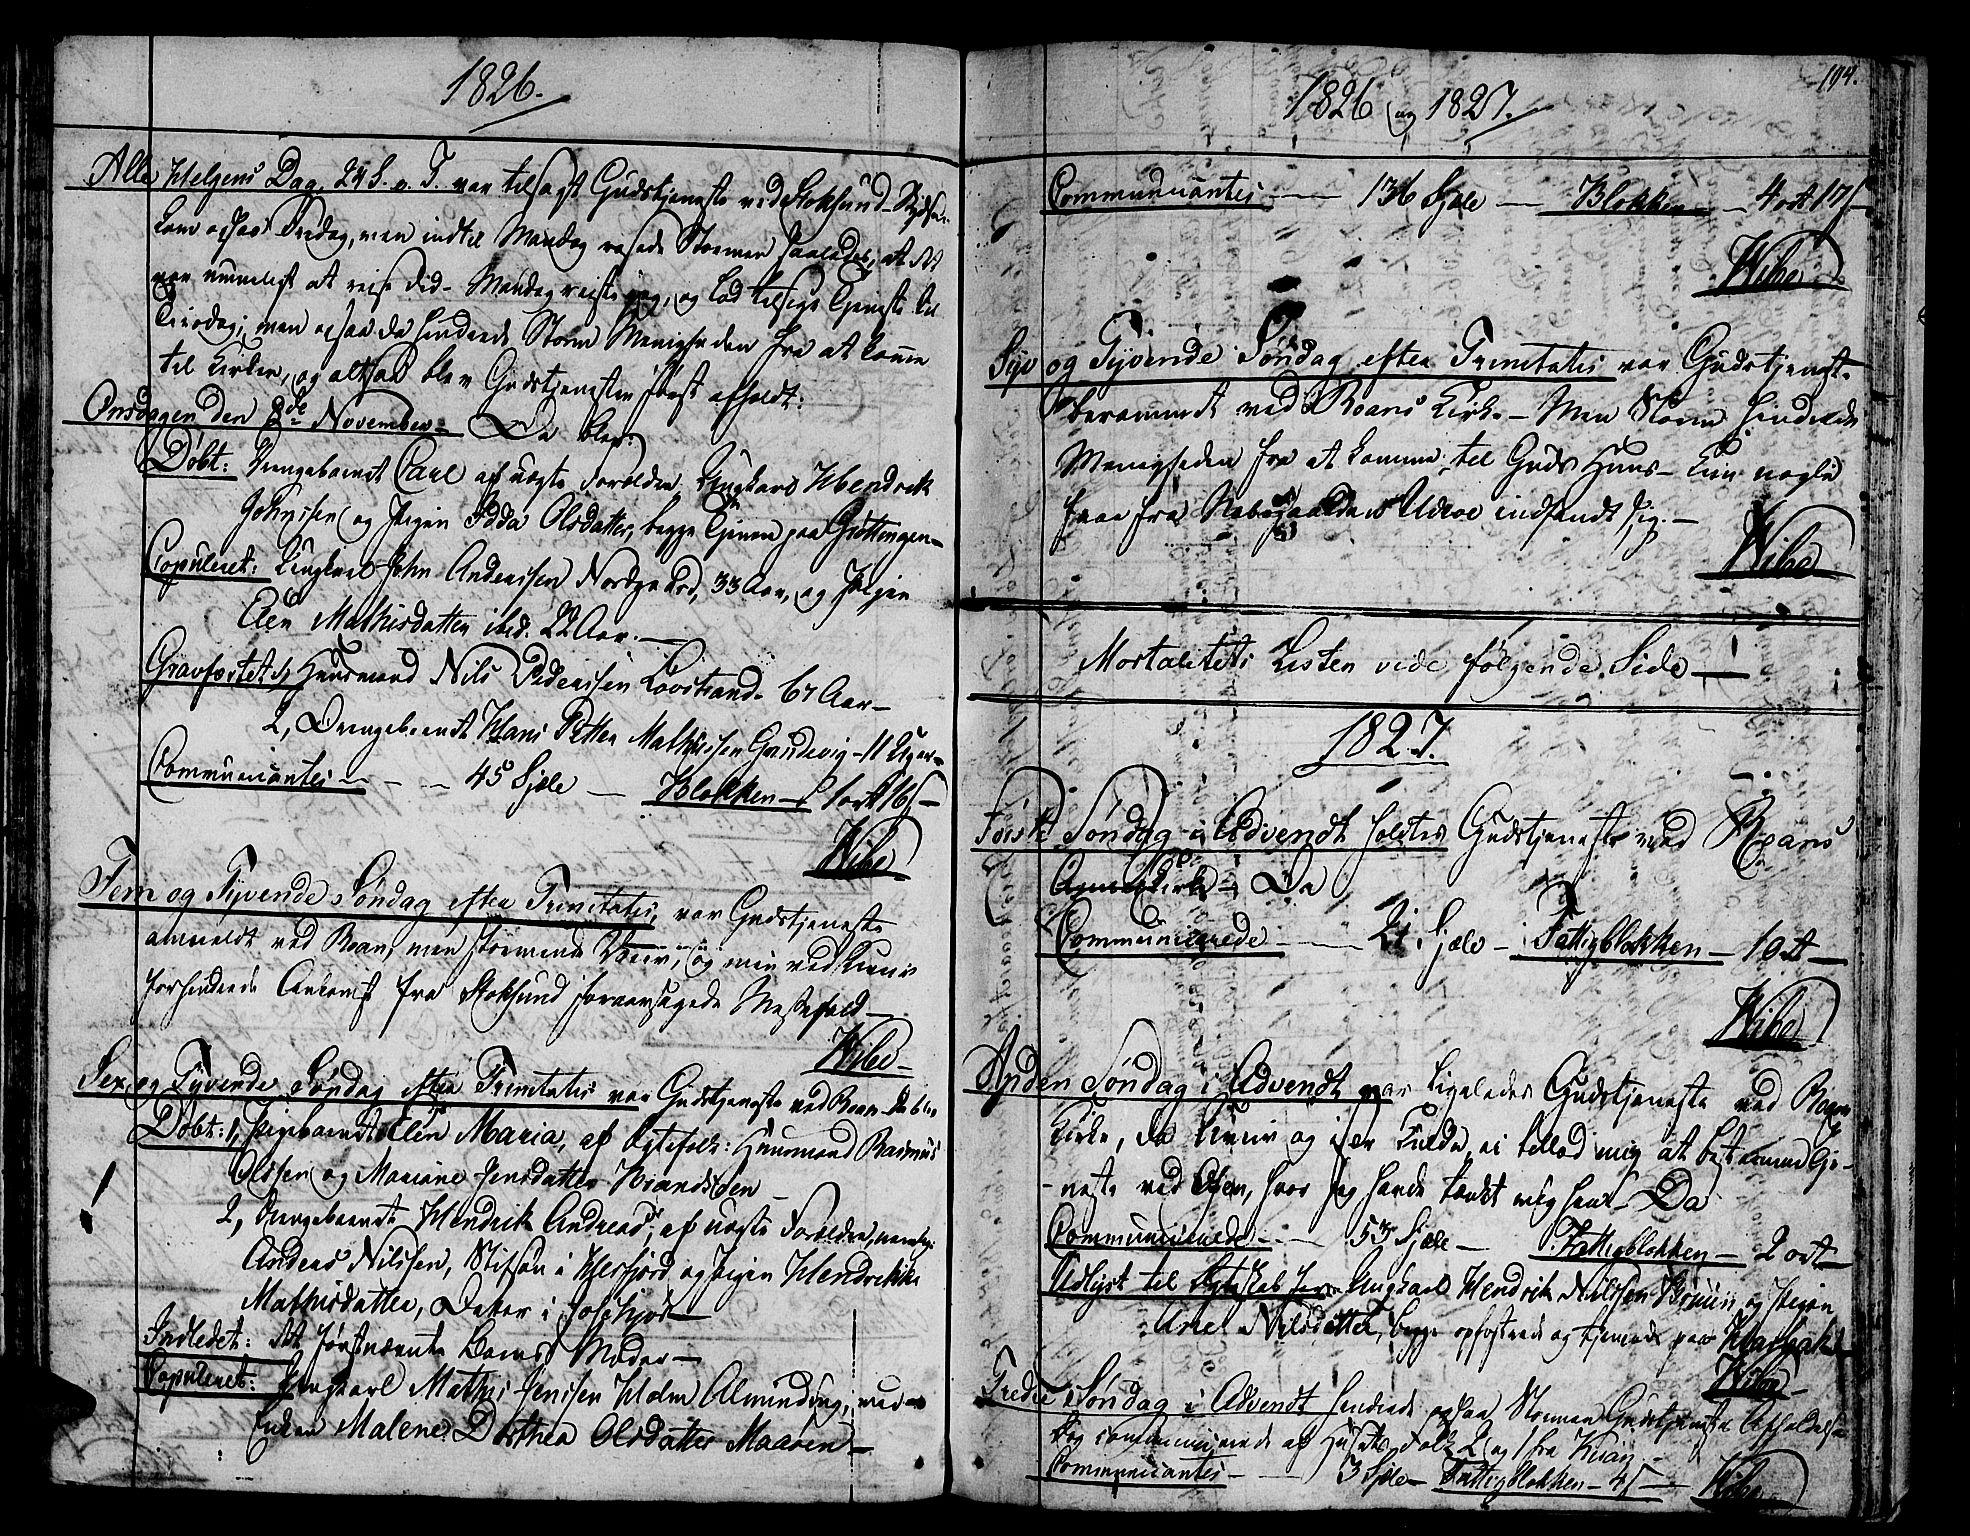 SAT, Ministerialprotokoller, klokkerbøker og fødselsregistre - Sør-Trøndelag, 657/L0701: Ministerialbok nr. 657A02, 1802-1831, s. 194